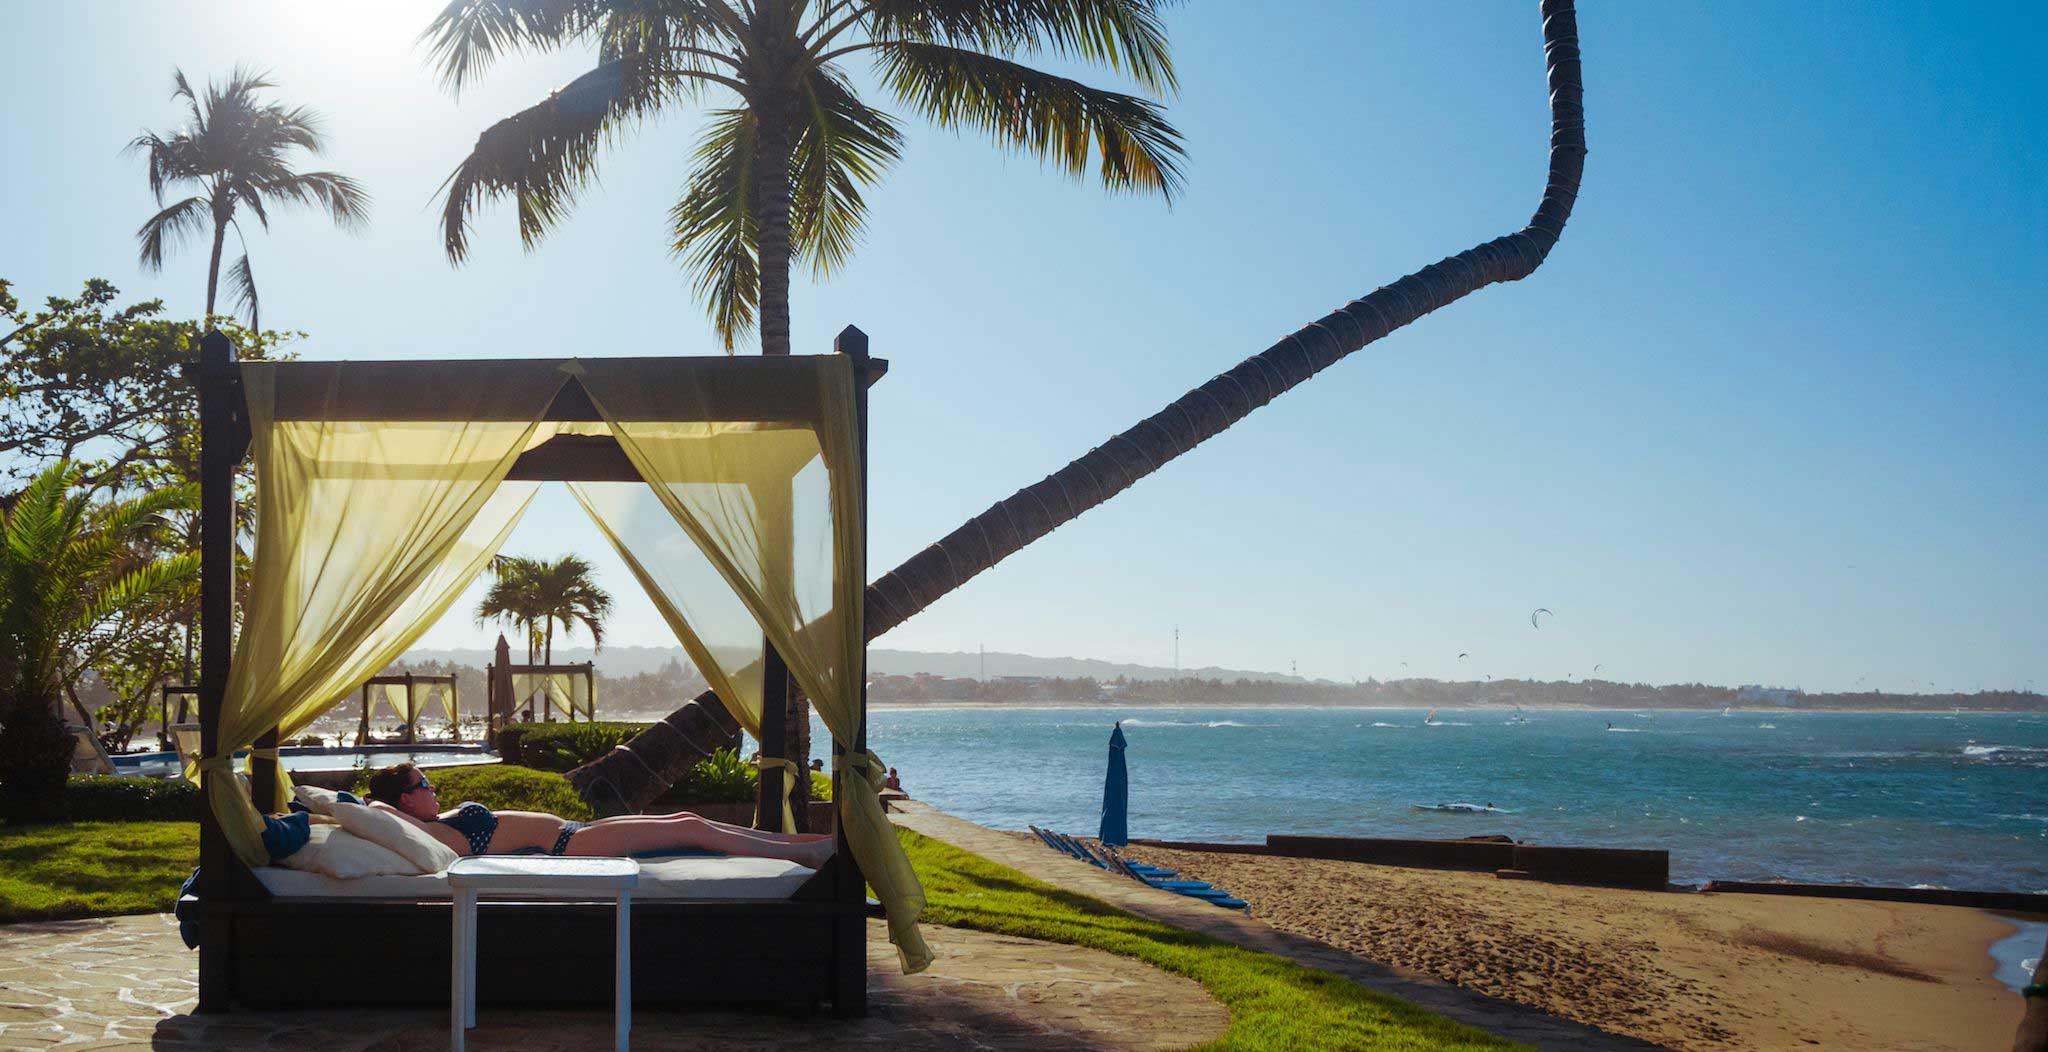 Отели и апартаменты в Кабарете (Cabarete) — Доминикана